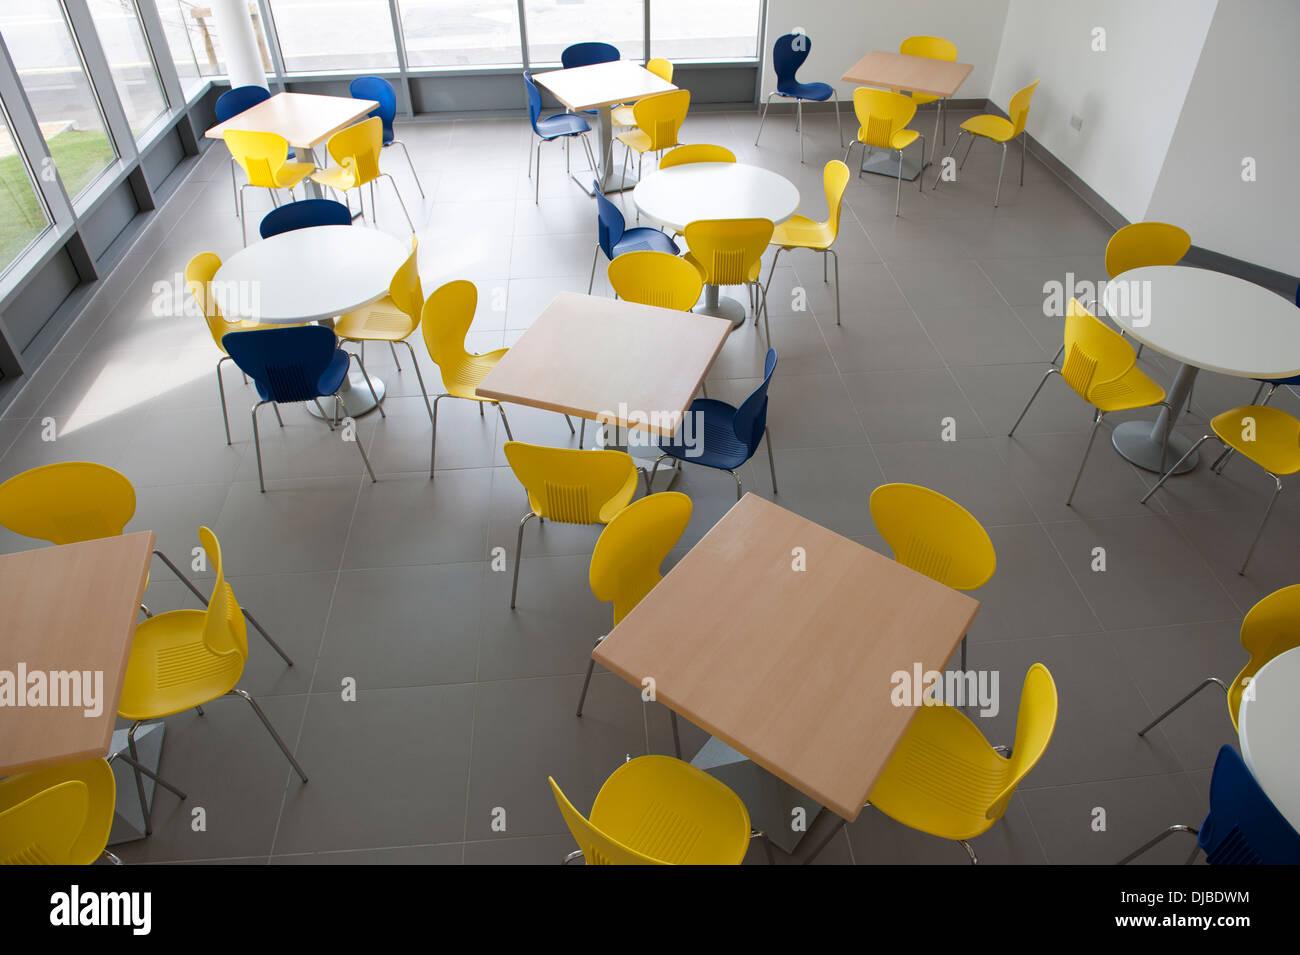 Wunderbar Moderne Sitzecke Dekoration Von Café Tische College Schulkantine